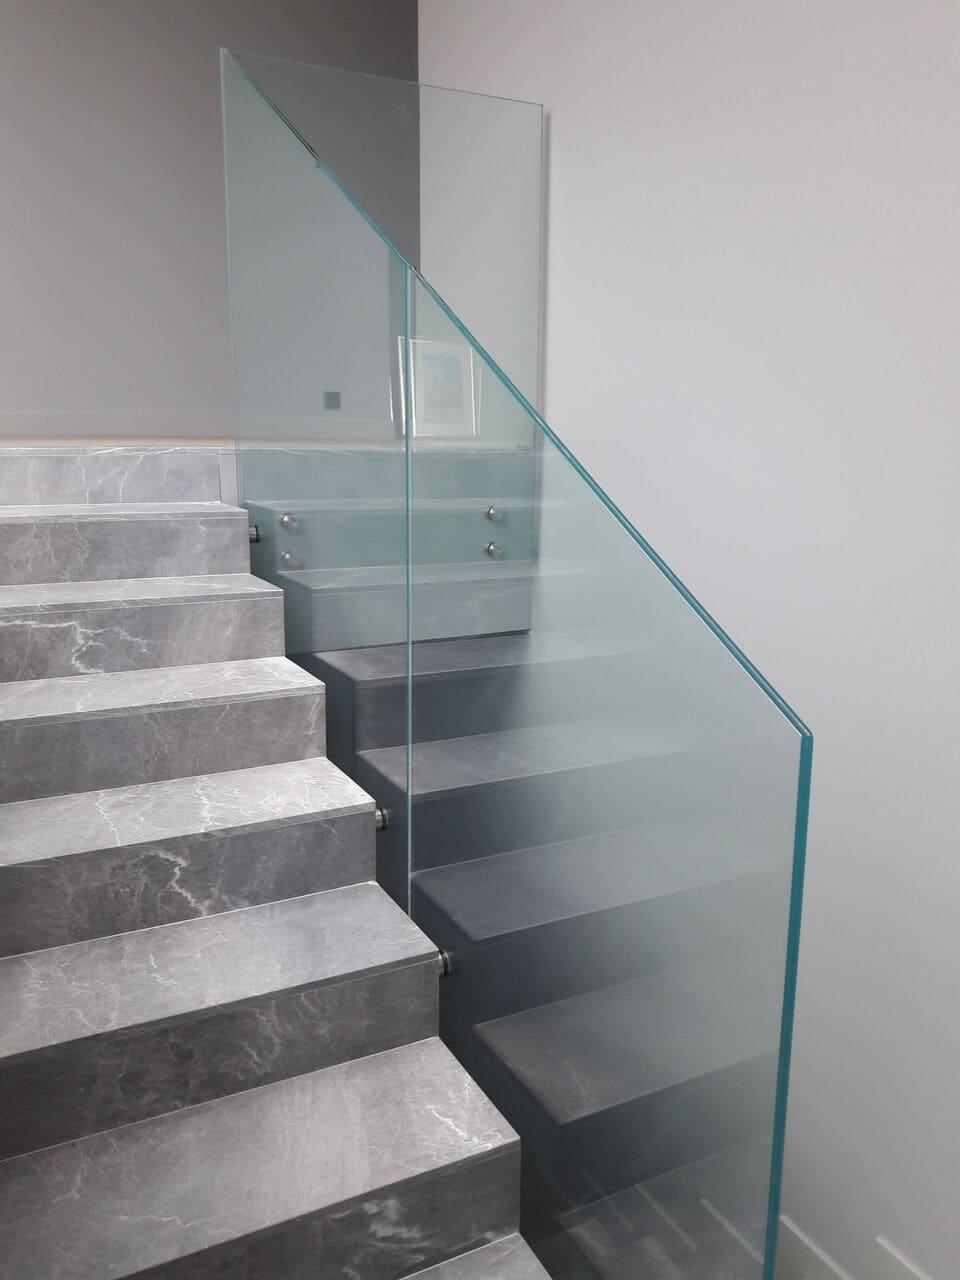 Balustrada mocowana punktowo przy marmurowych schodach